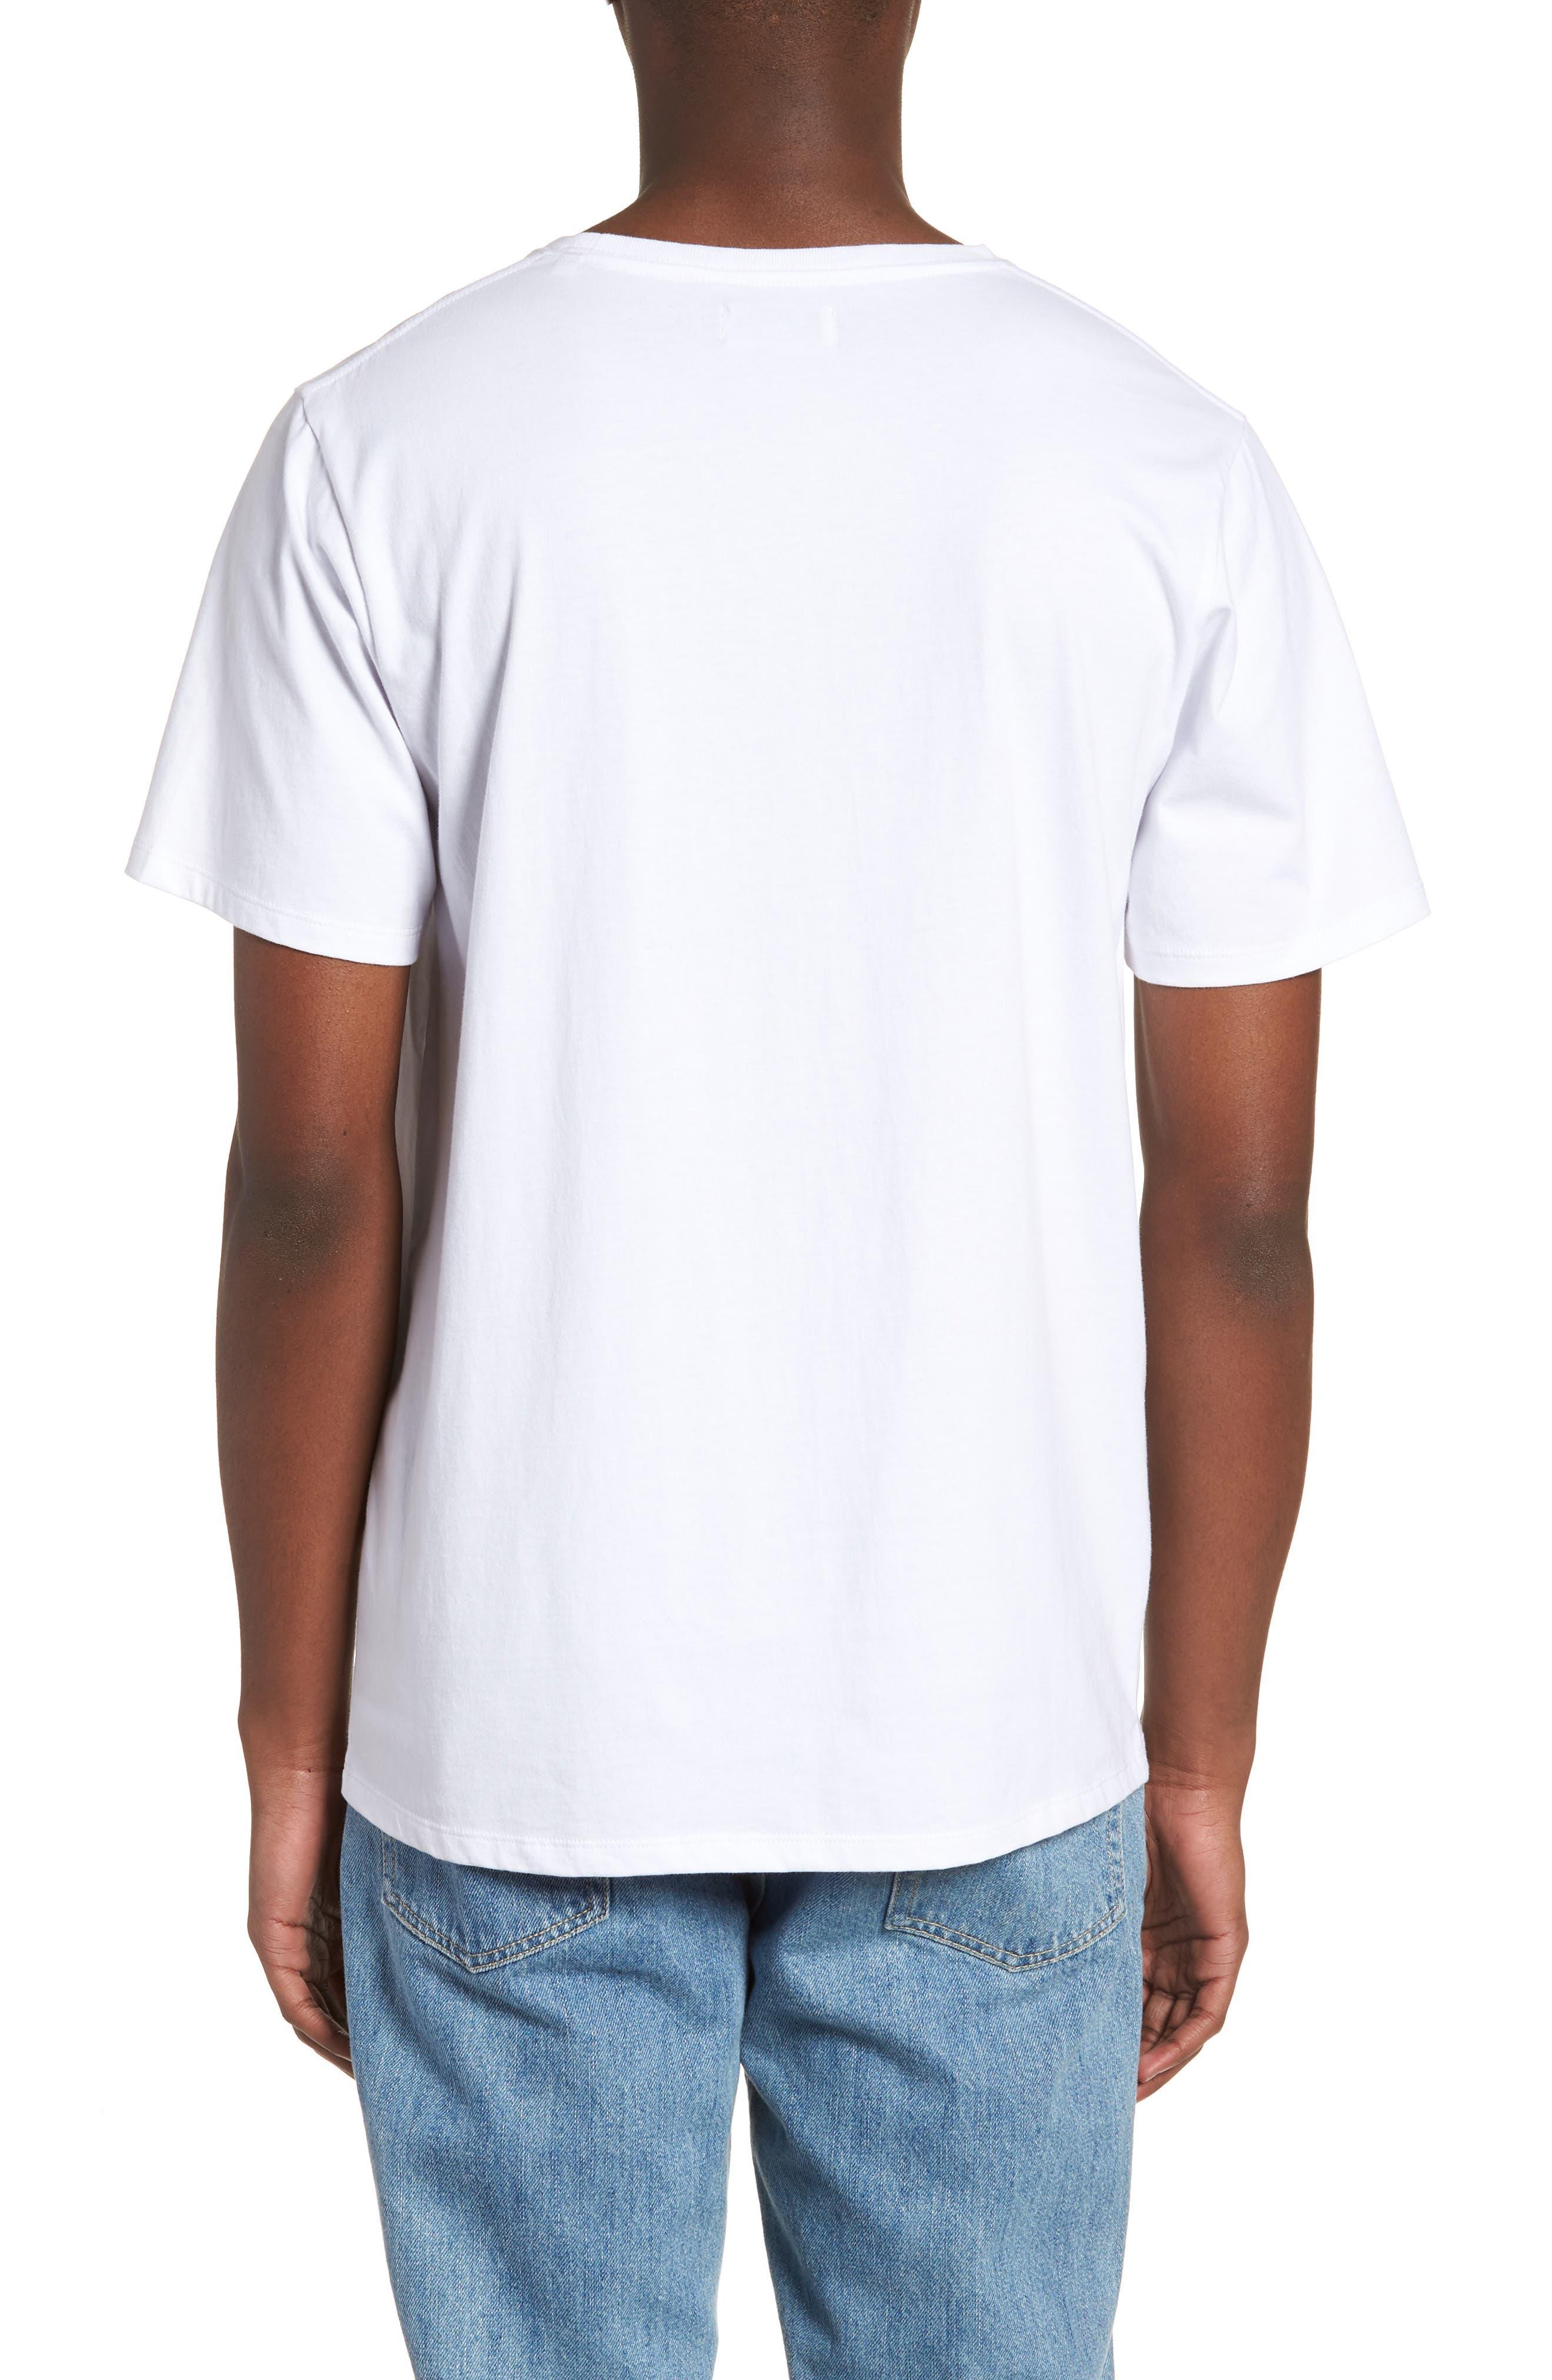 Miller Standard T-Shirt,                             Alternate thumbnail 2, color,                             White